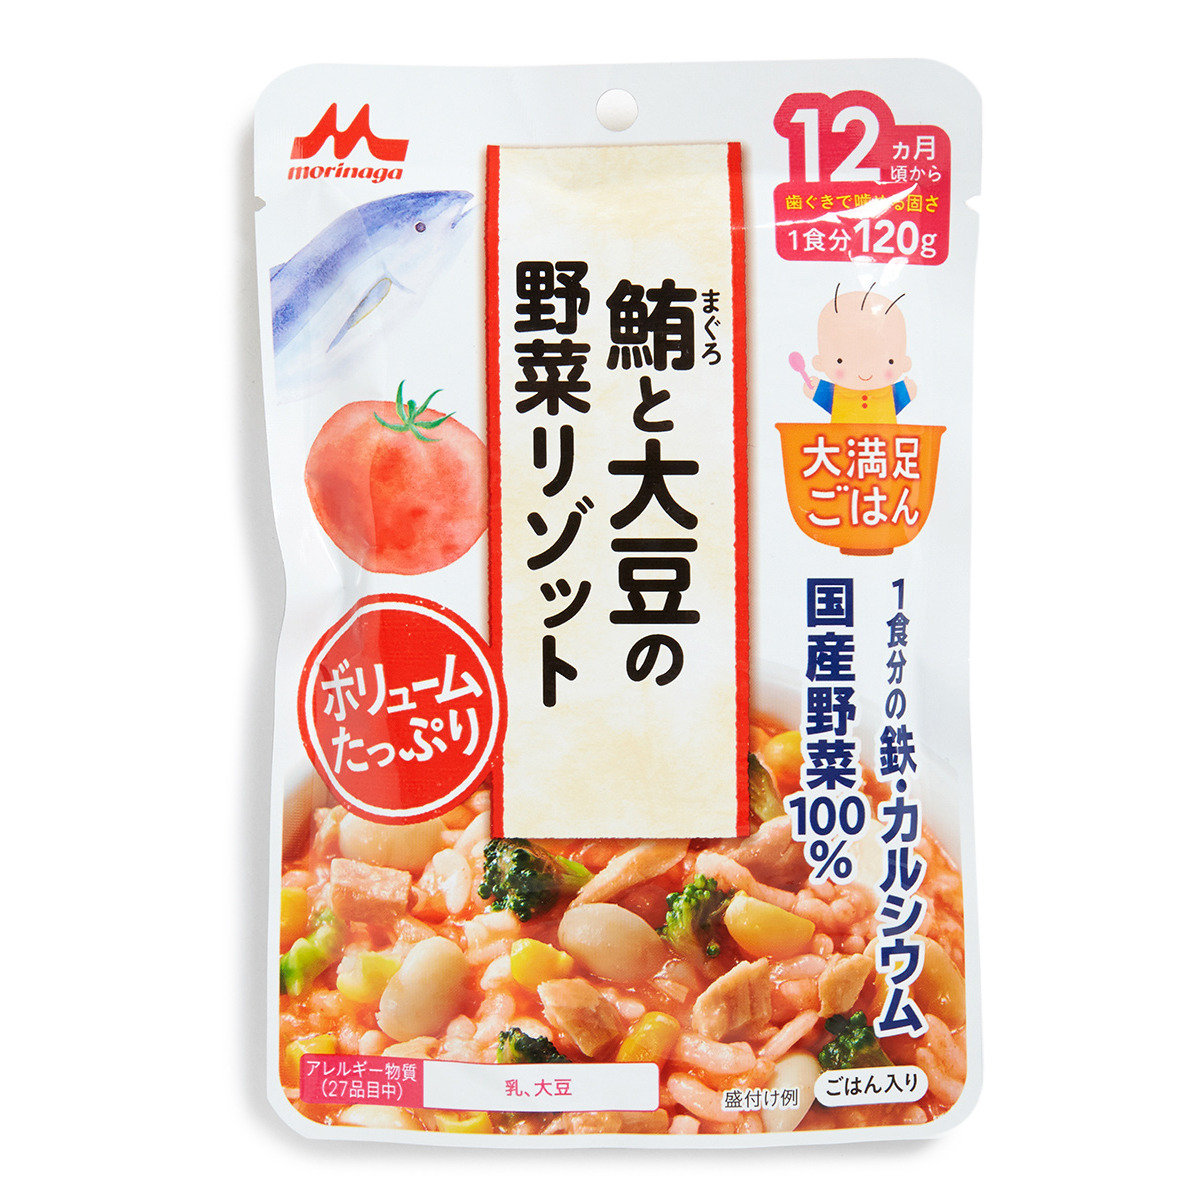 吞拿魚大豆蔬菜意大利燴飯